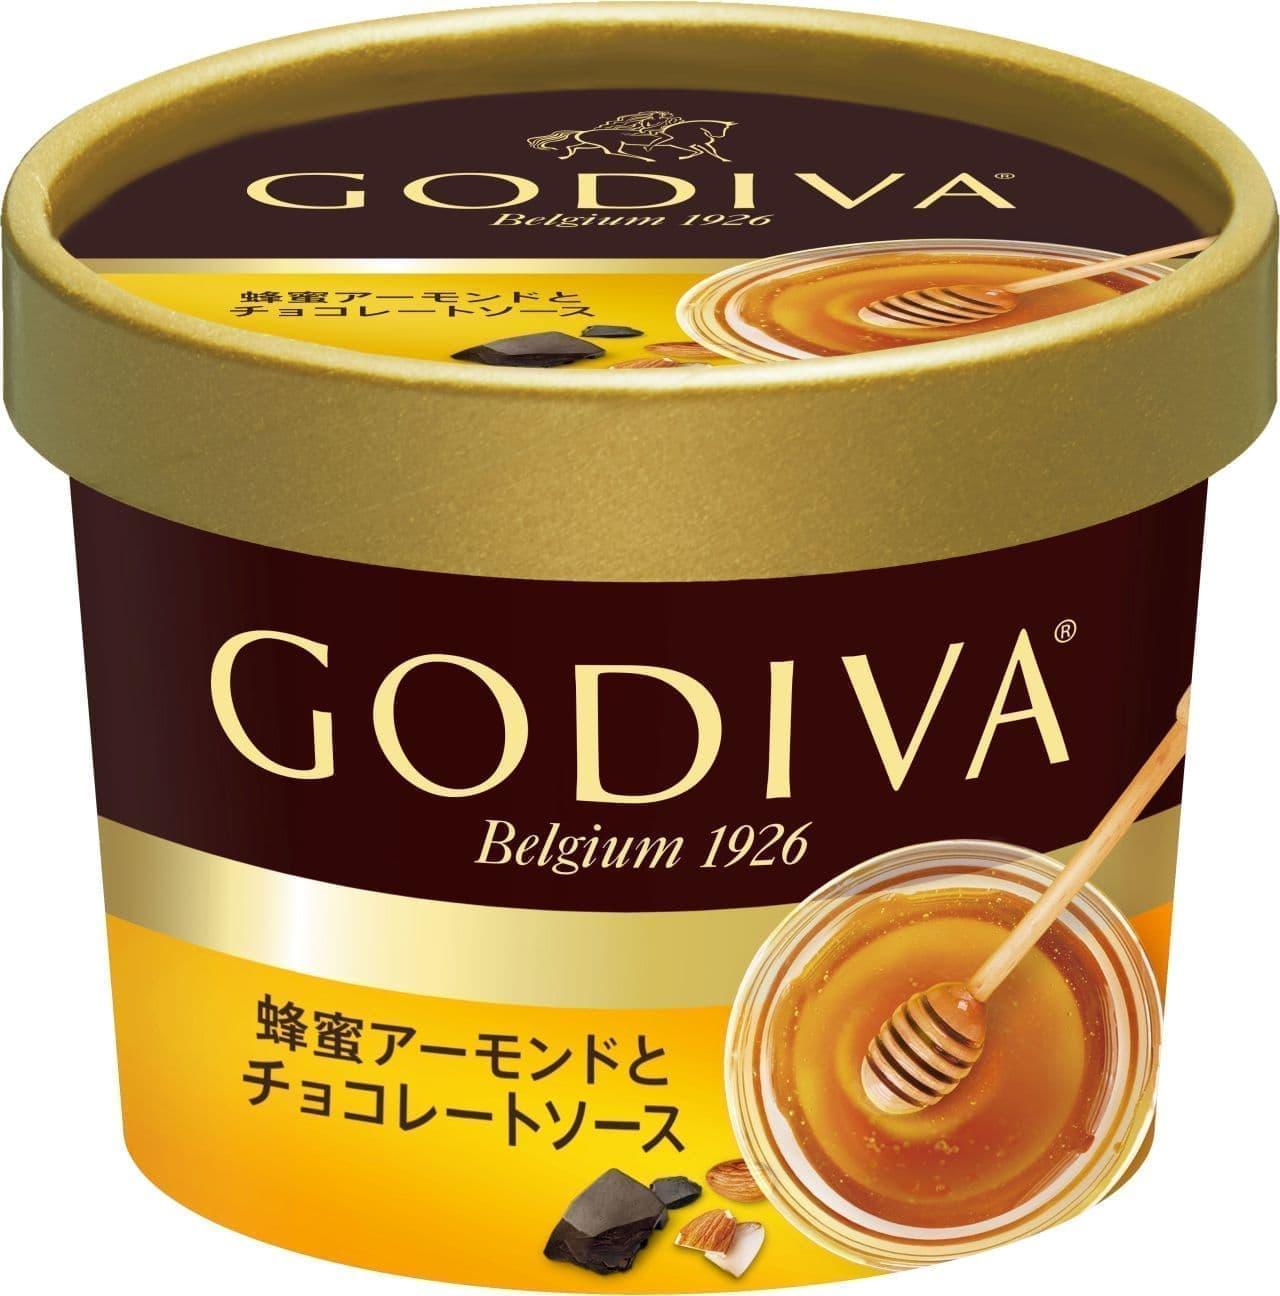 ゴディバ「蜂蜜アーモンドとチョコレートソース」